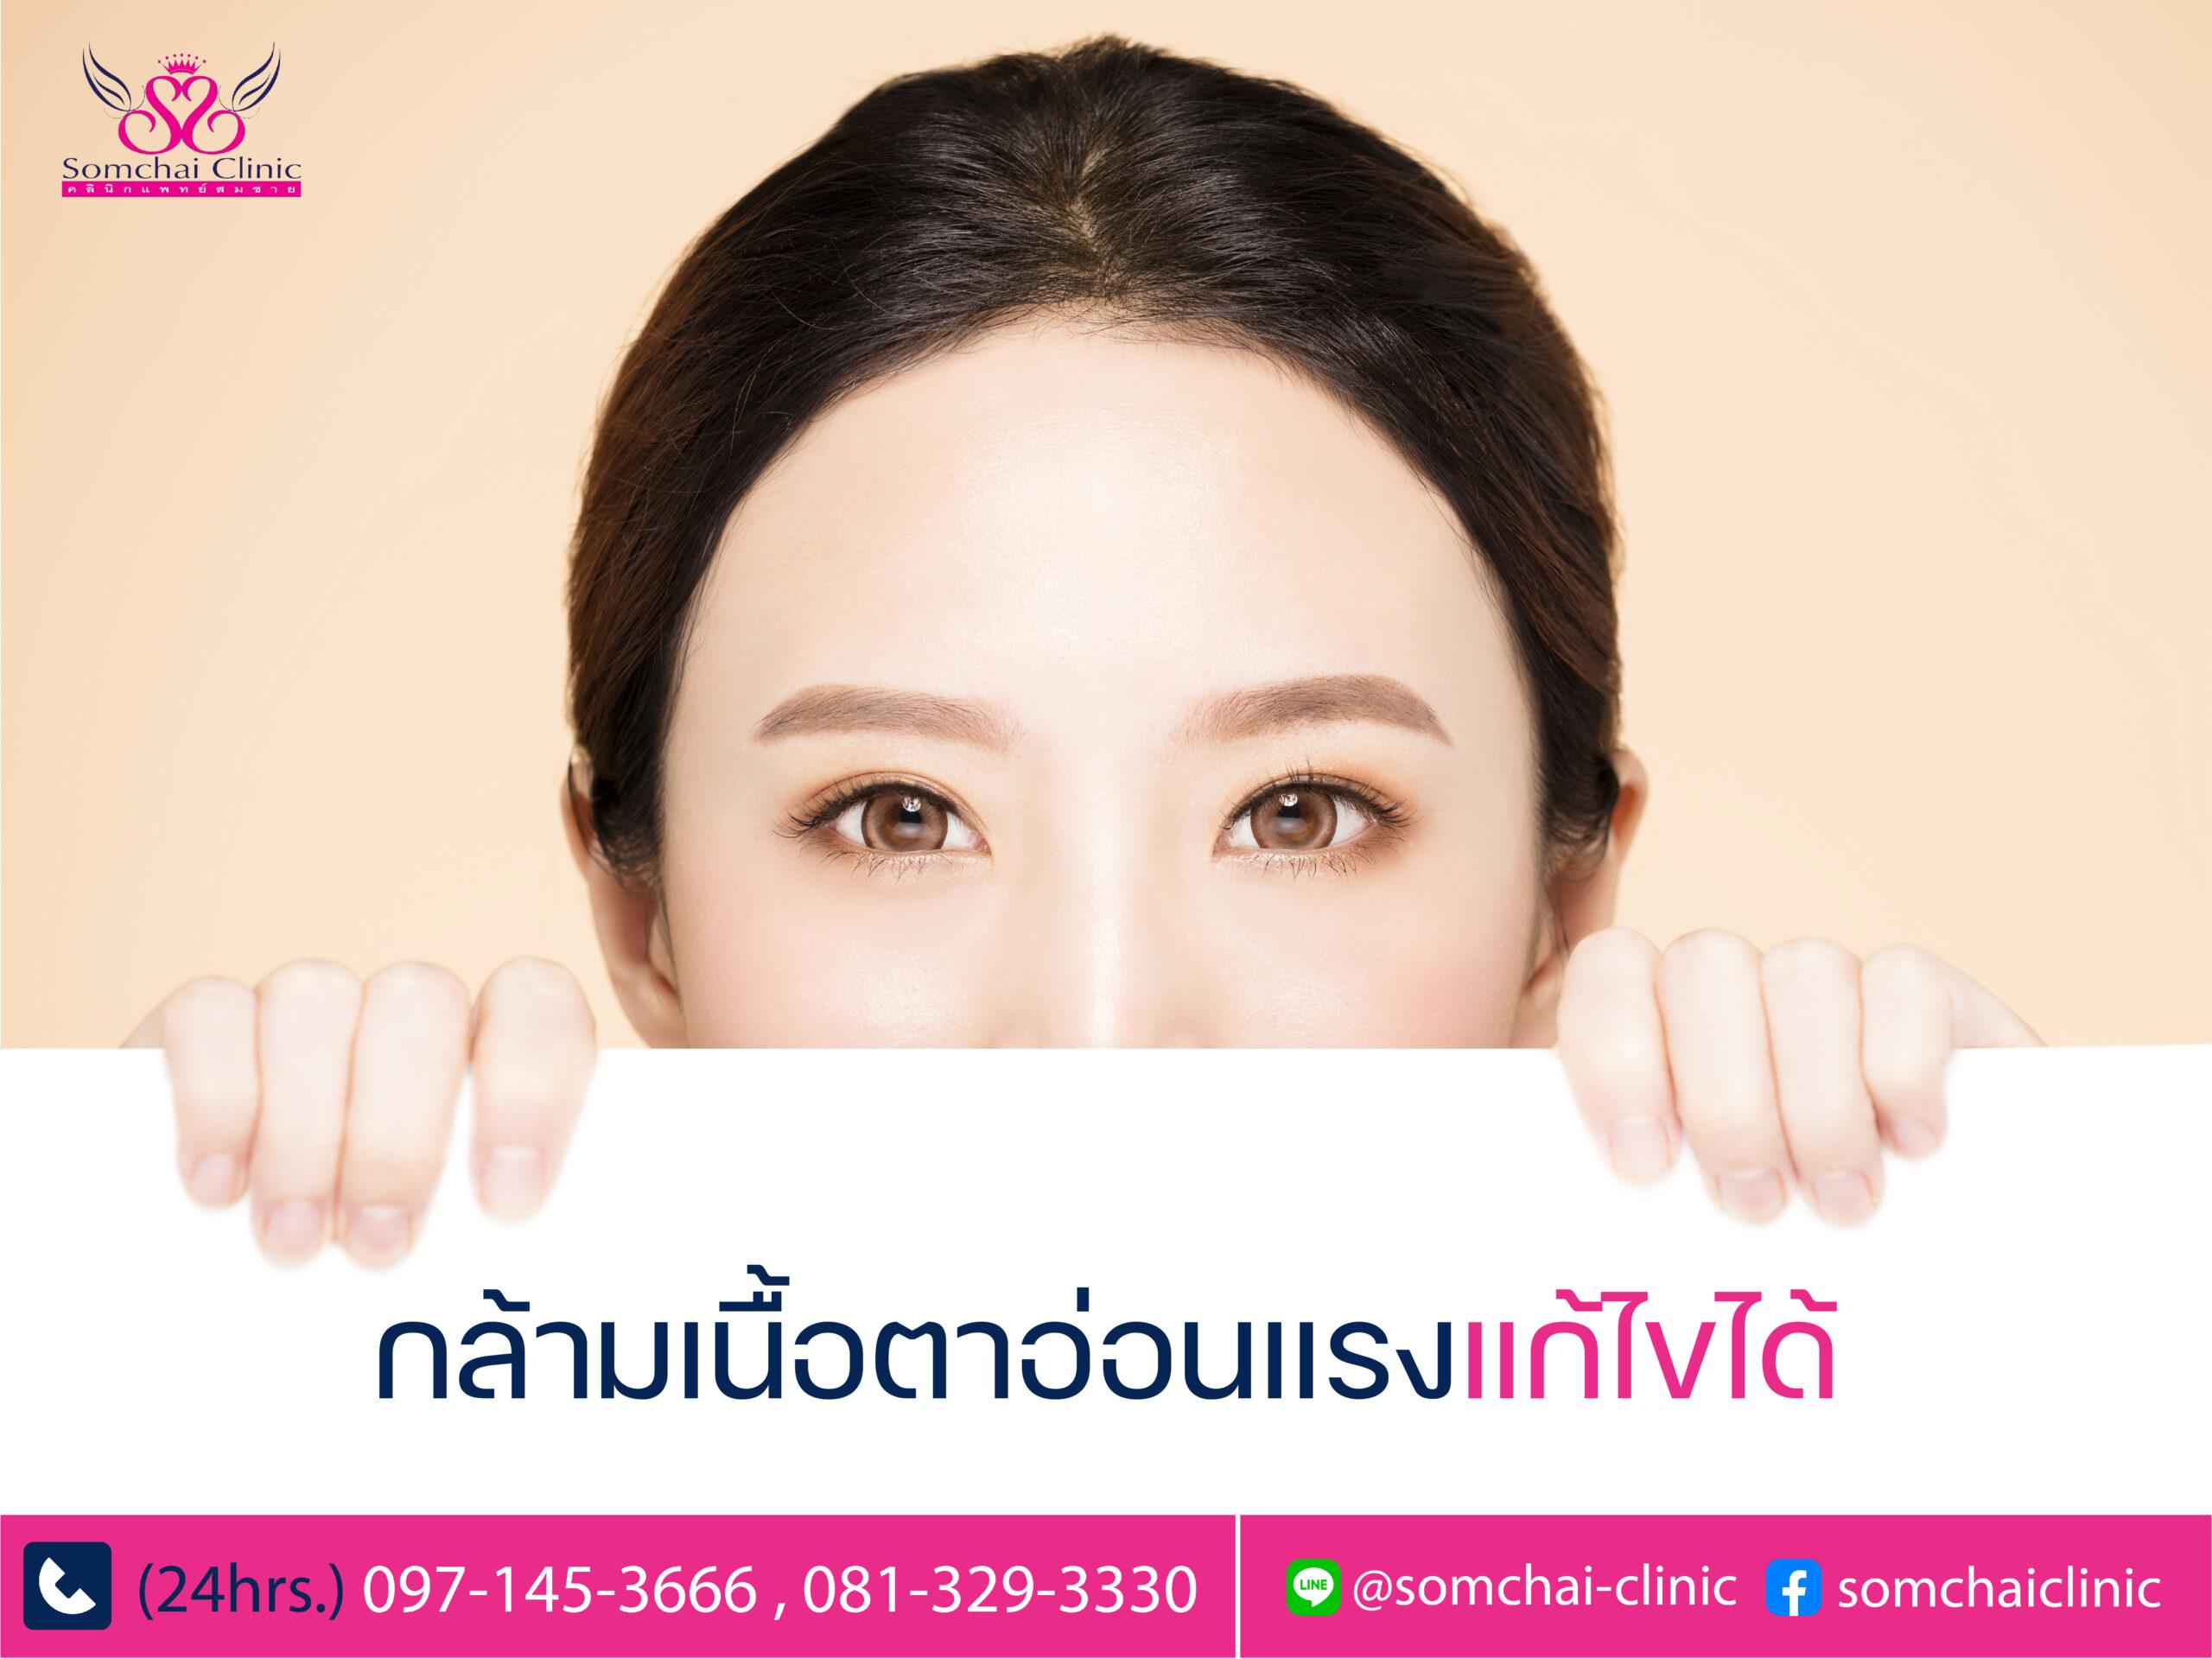 กล้ามเนื้อตาอ่อนแรงแก้ไขได้